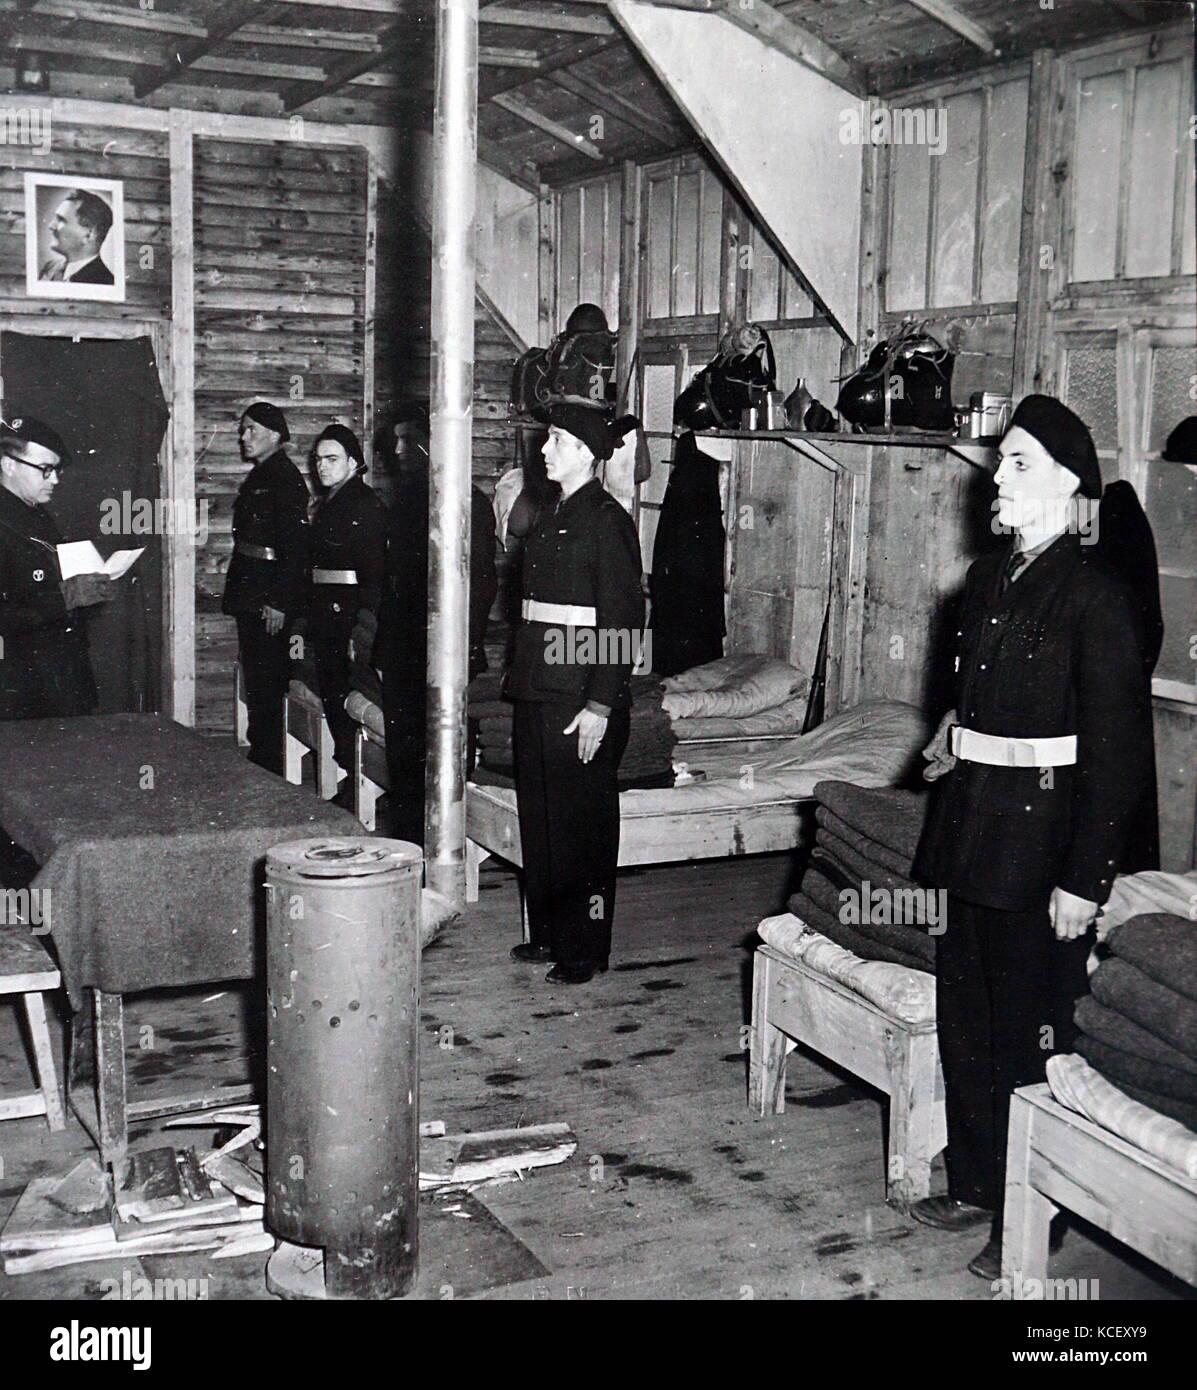 Foto von französischen Soldaten in ihren Kasernen beten im besetzten Frankreich während des Zweiten Weltkriegs. Stockbild